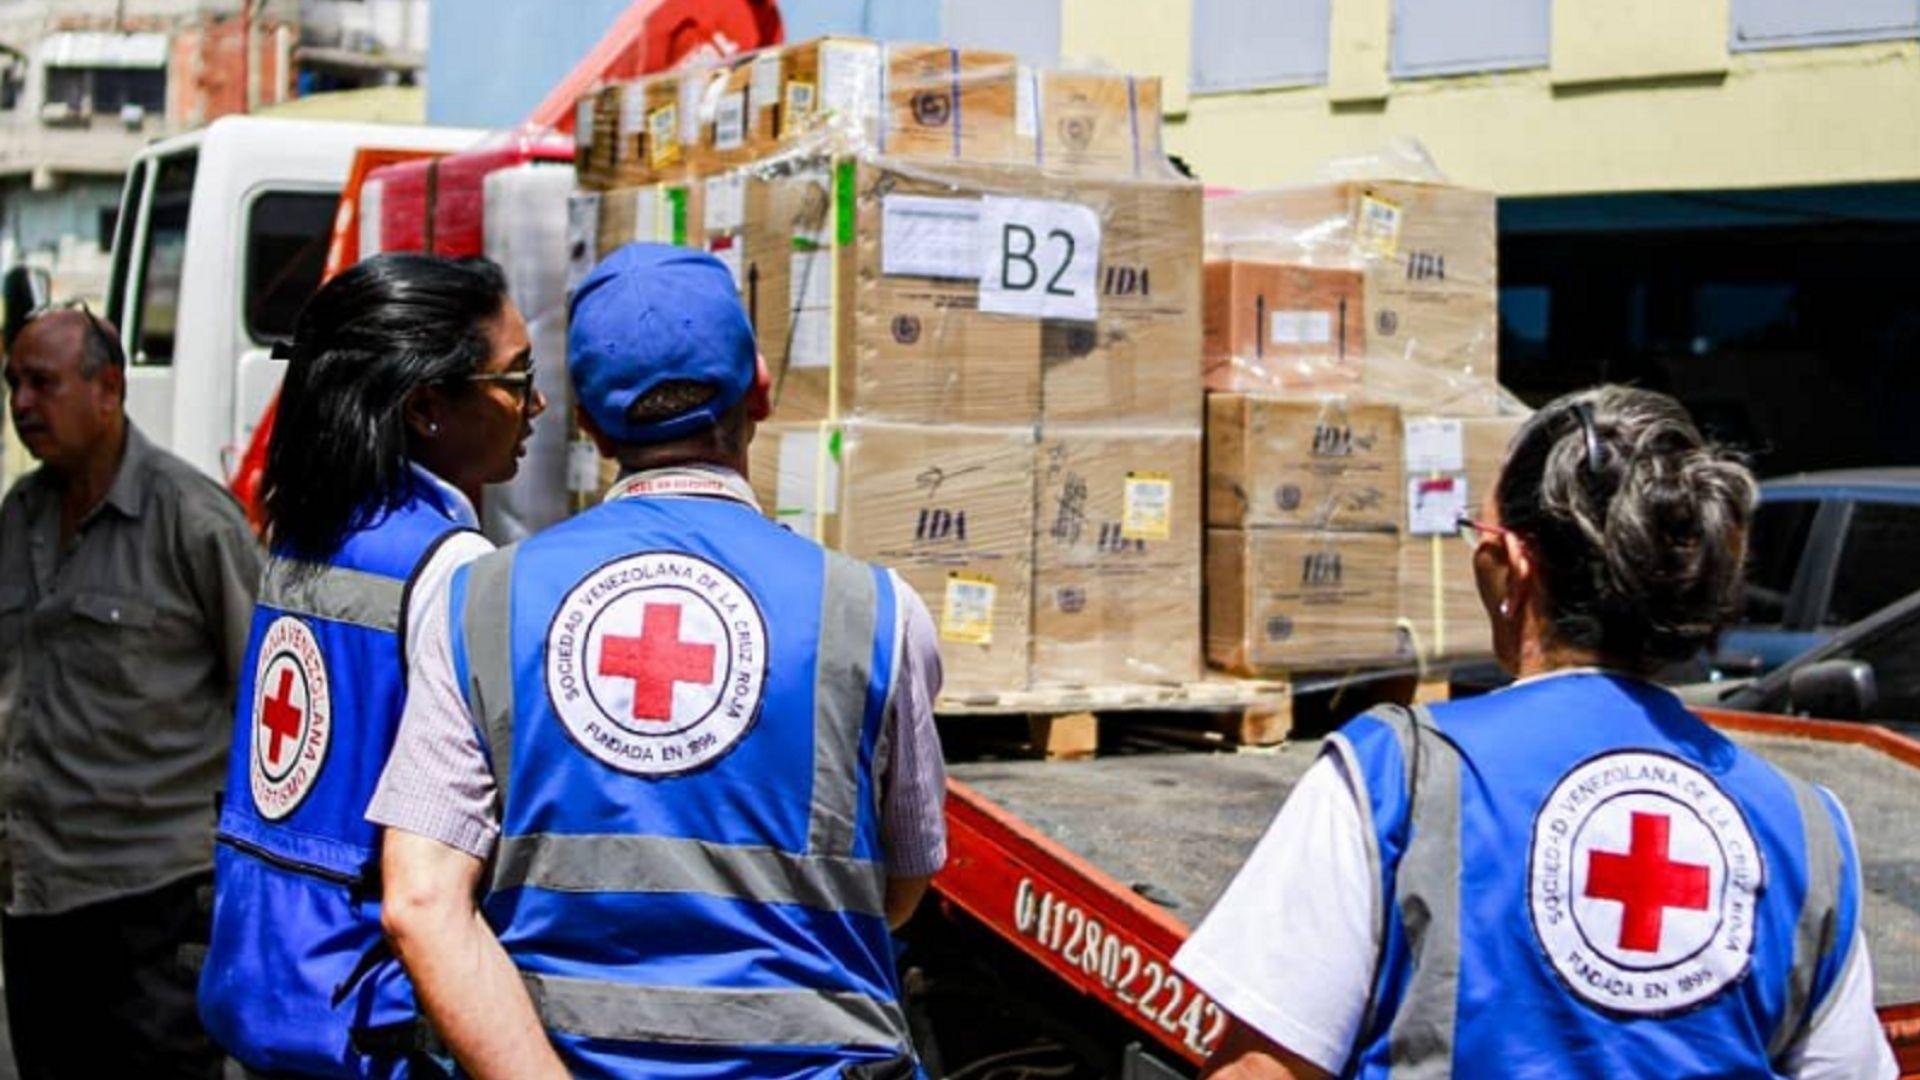 Transparencia Venezuela | Corrupción, pandemia y restricciones gubernamentales: grandes retos para la asistencia humanitaria